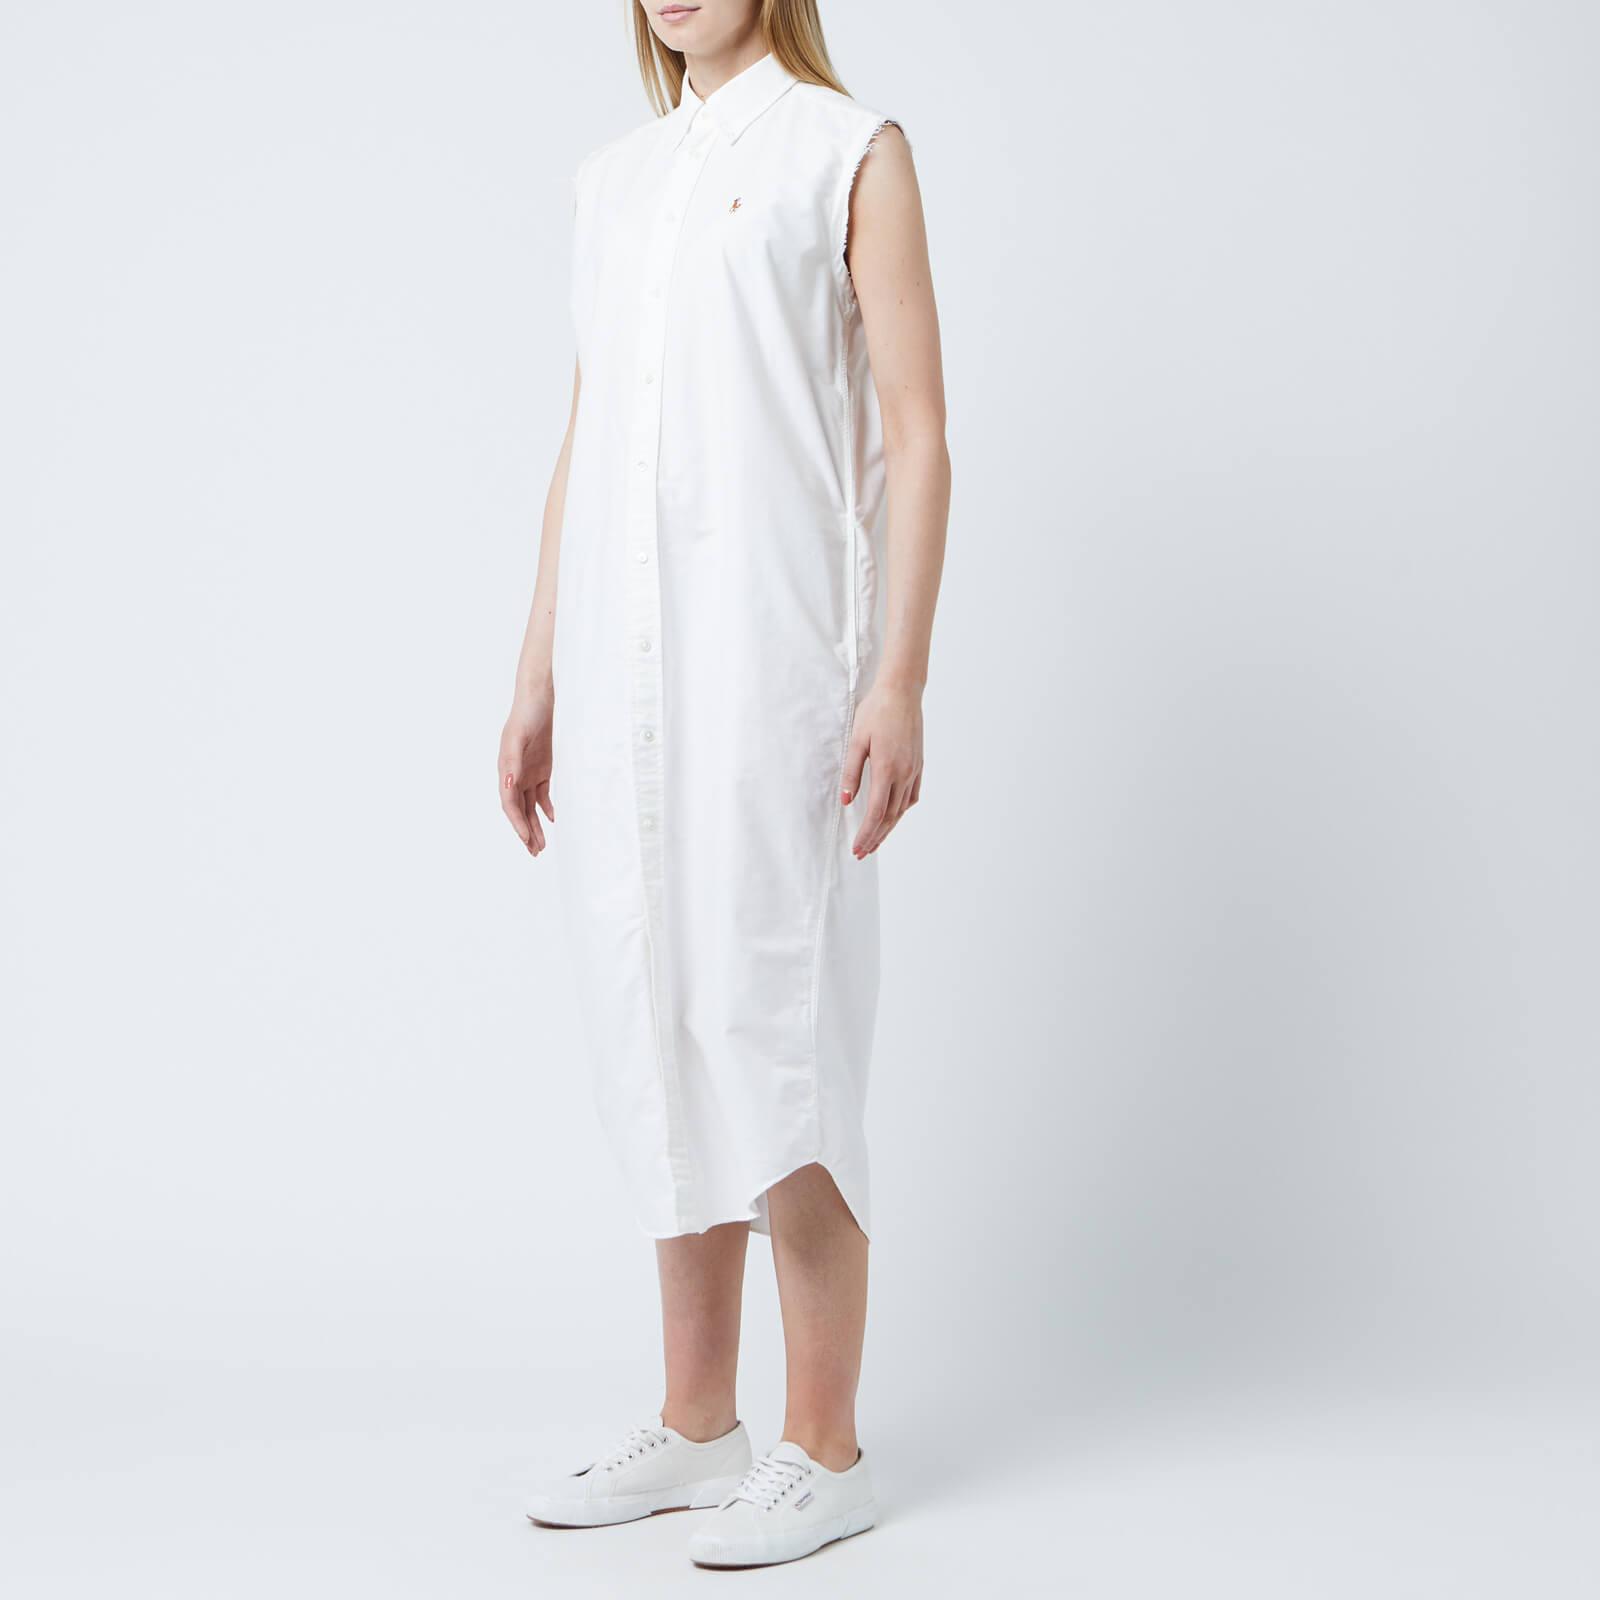 Dress Sleeveless Casual Ralph Lauren Polo Women's White uwiTlPXOkZ